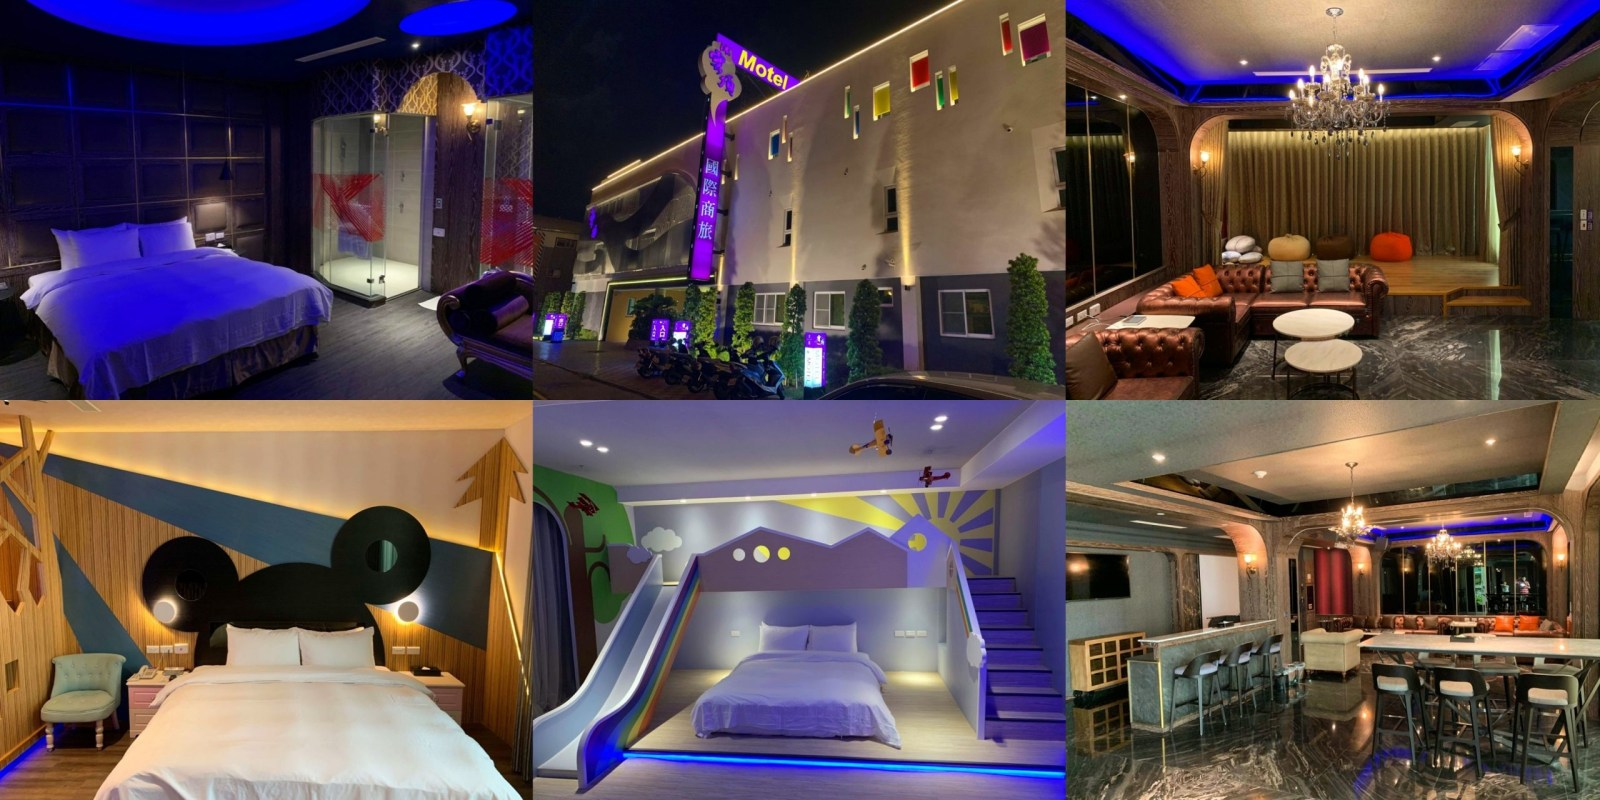 [台南住宿] 沐雲頂國際商務旅館 - 超方便!這裡有商務房、KTV、汽車旅館和親子房